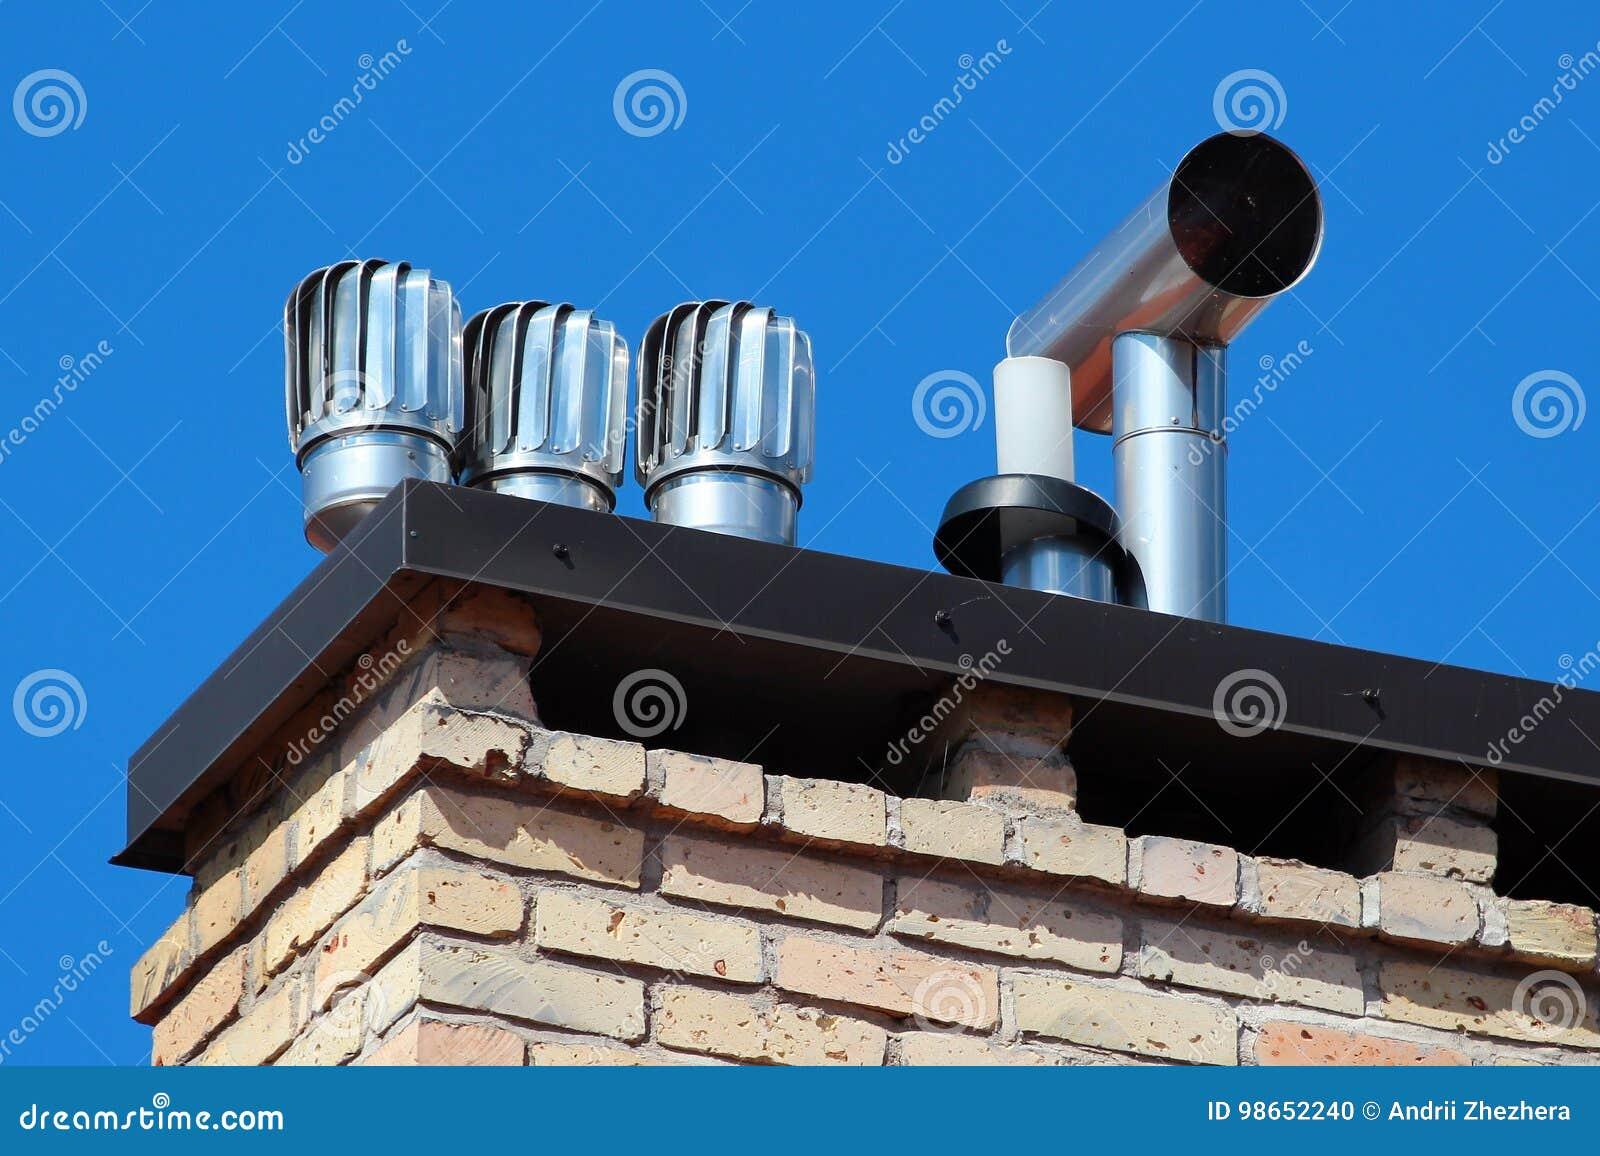 Kretsa kåpor på ett tak utrota downdraught i lampglas